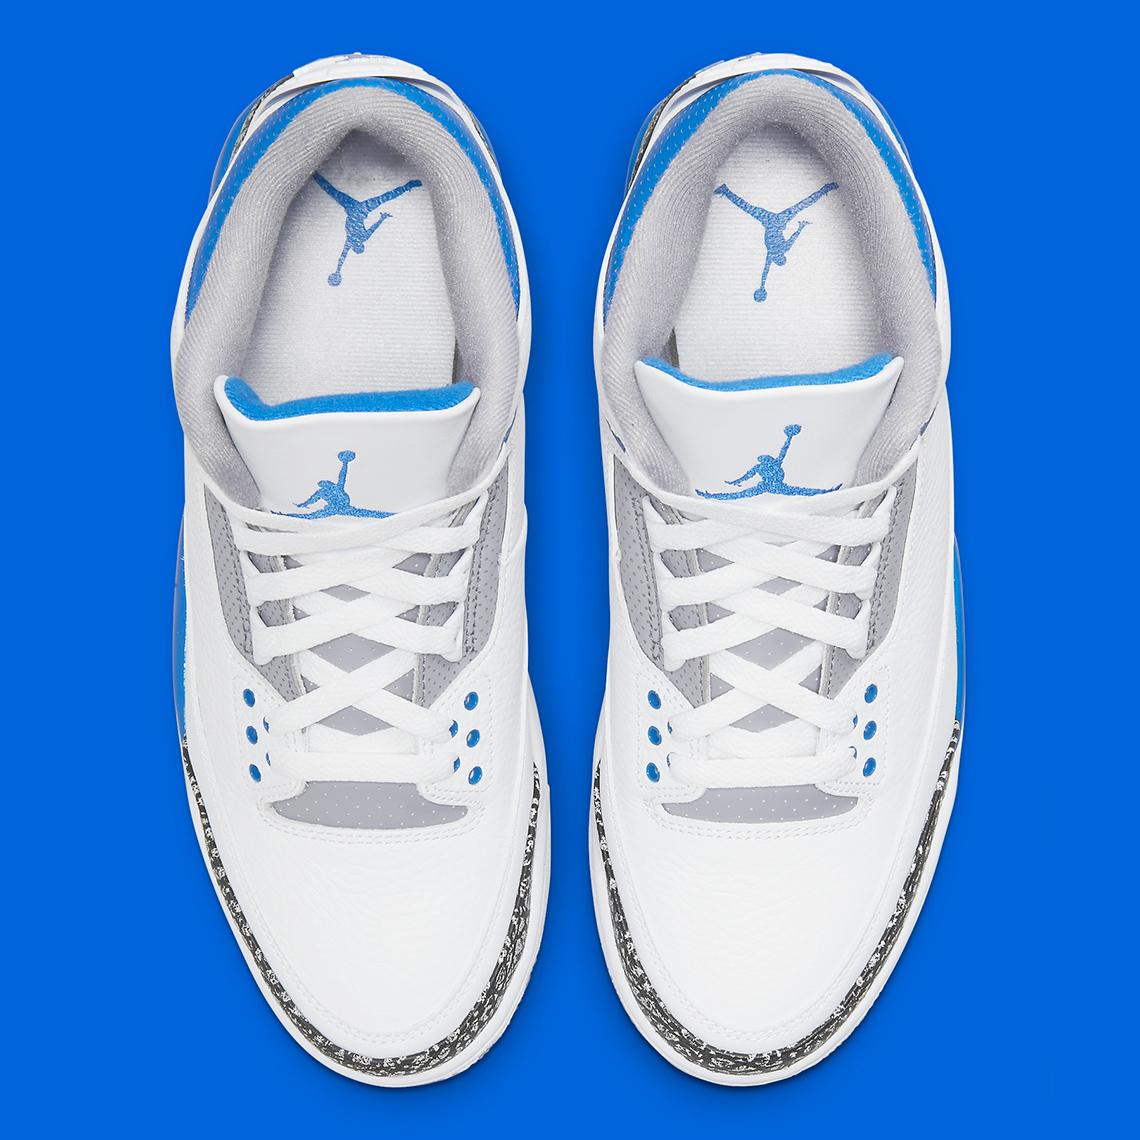 Air Jordan 3 ''Racer Blue'' - CT8532-145